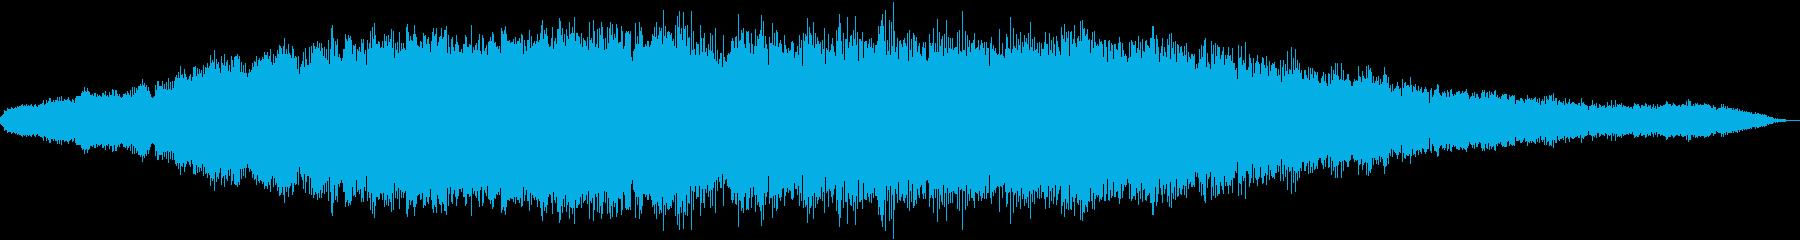 【ダークアンビエント】アトモスフィア_1の再生済みの波形